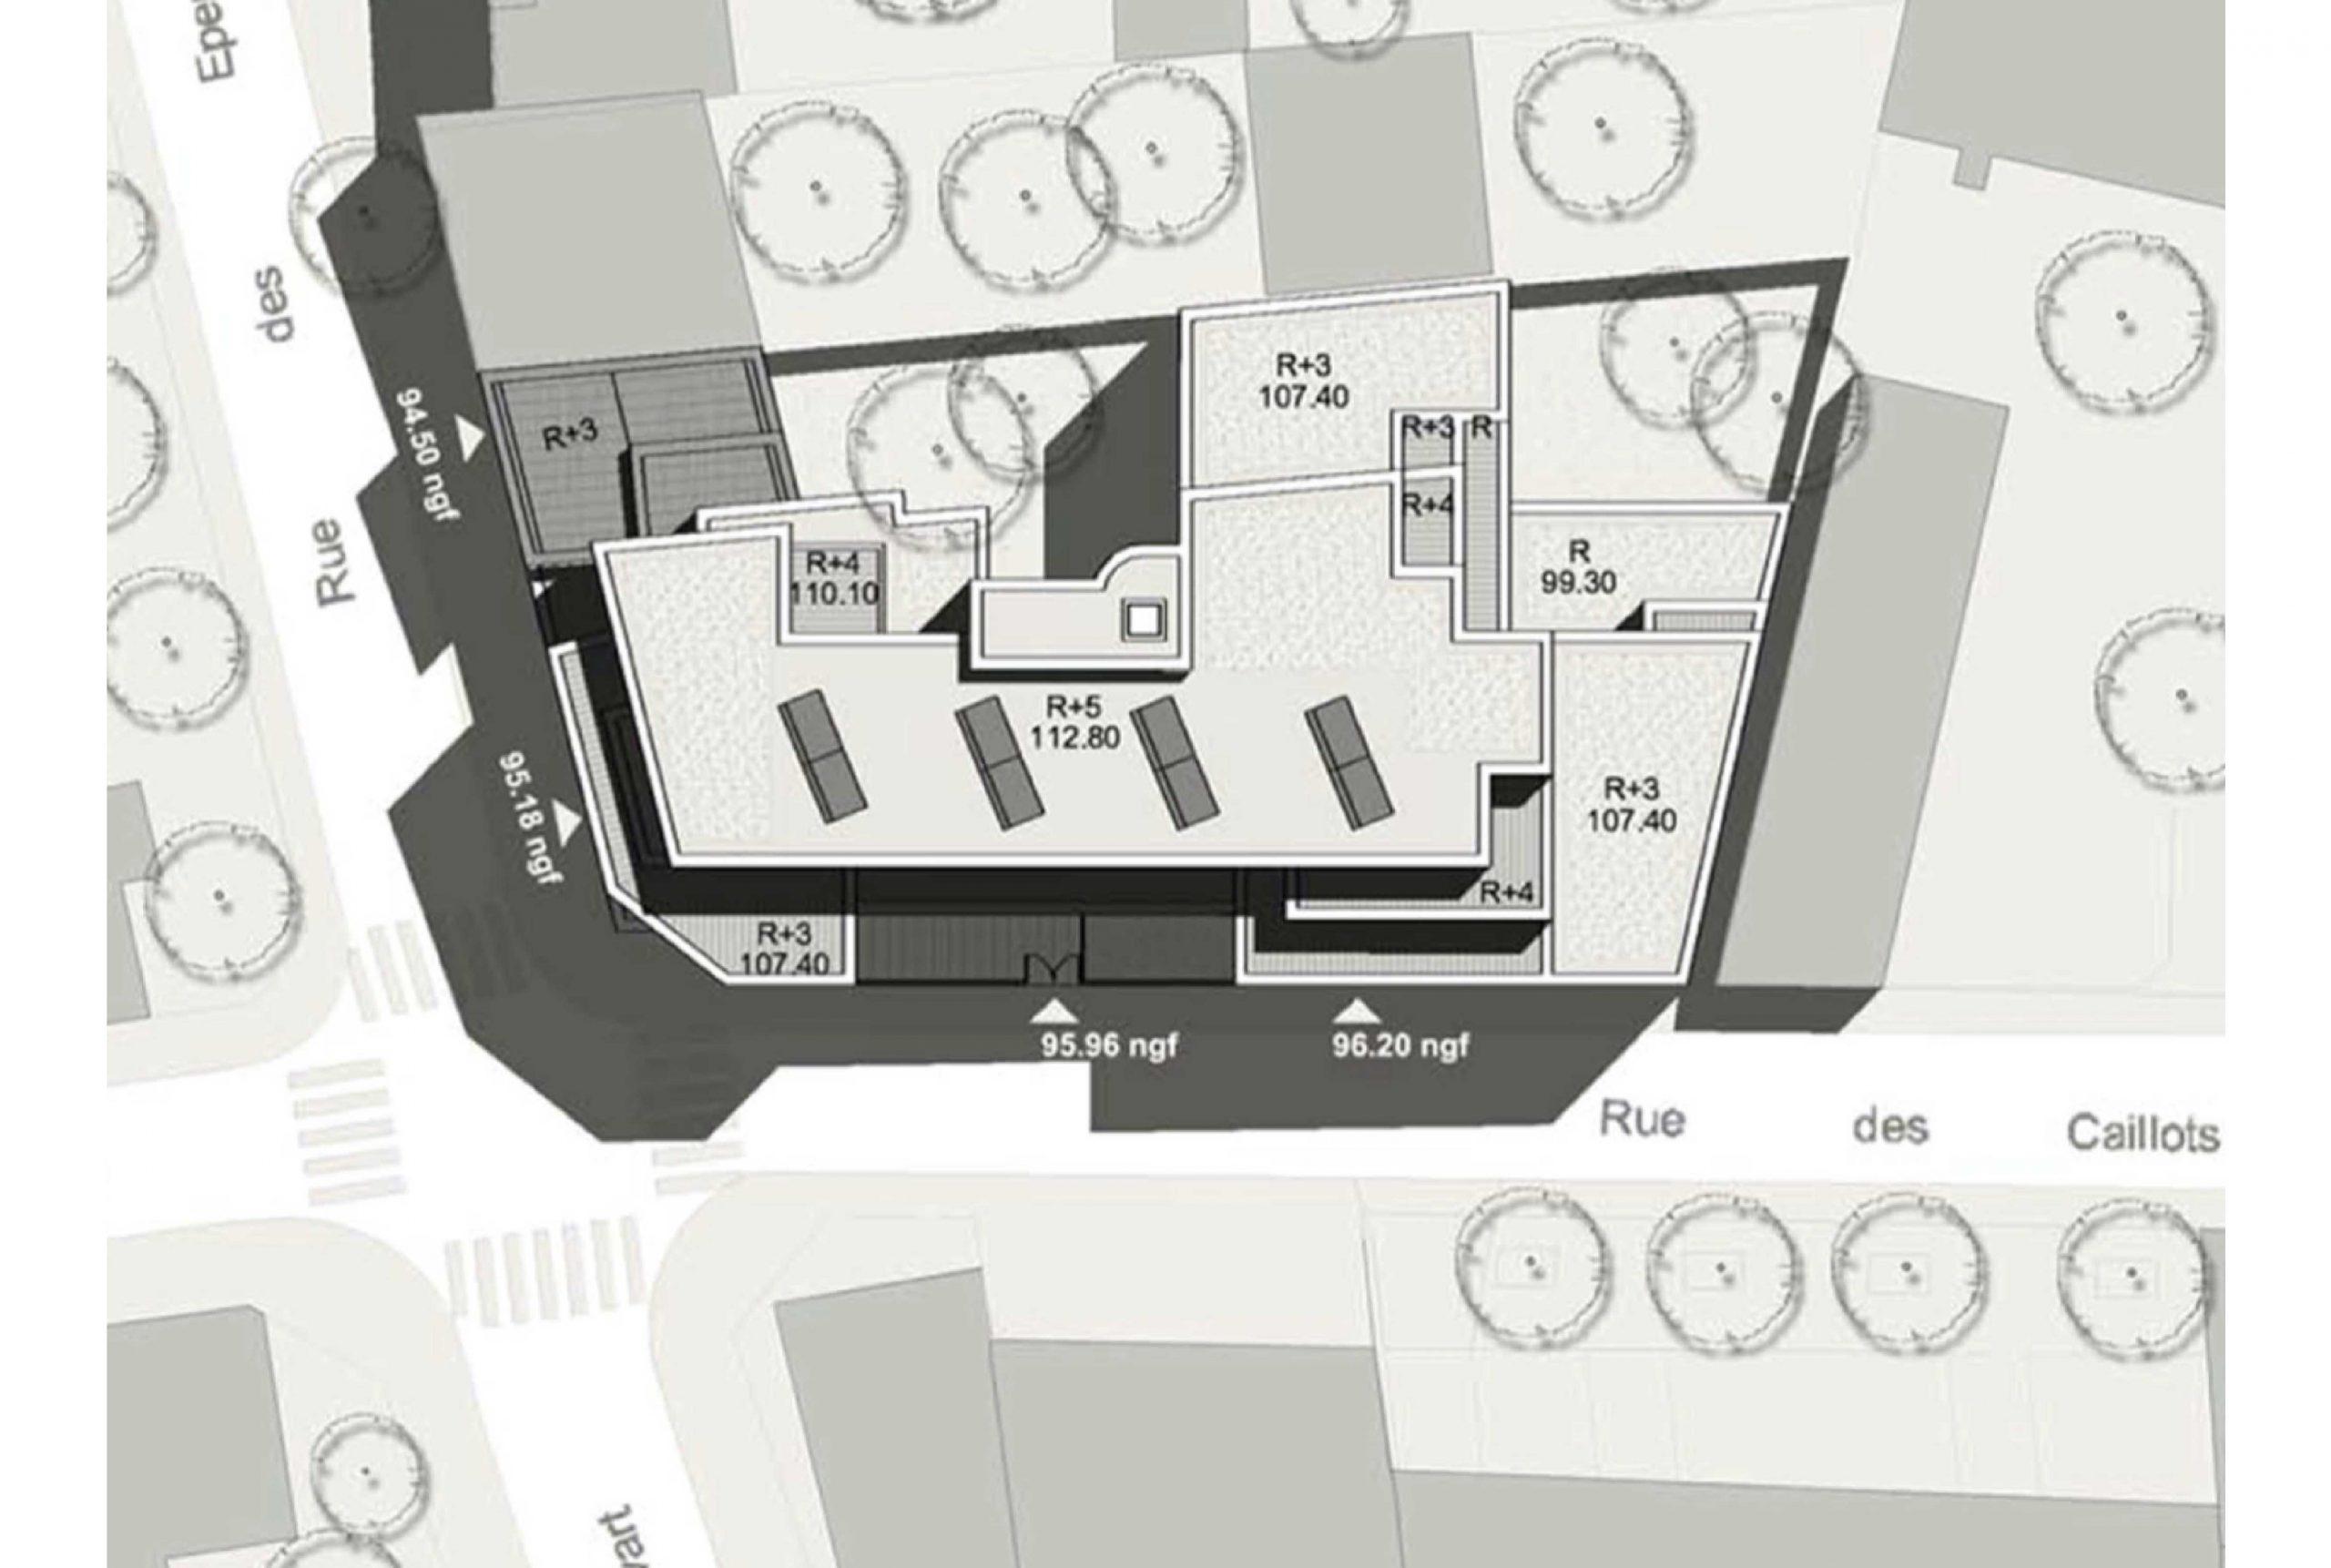 Projet logement Caillots 9 par Atelier JS Tabet